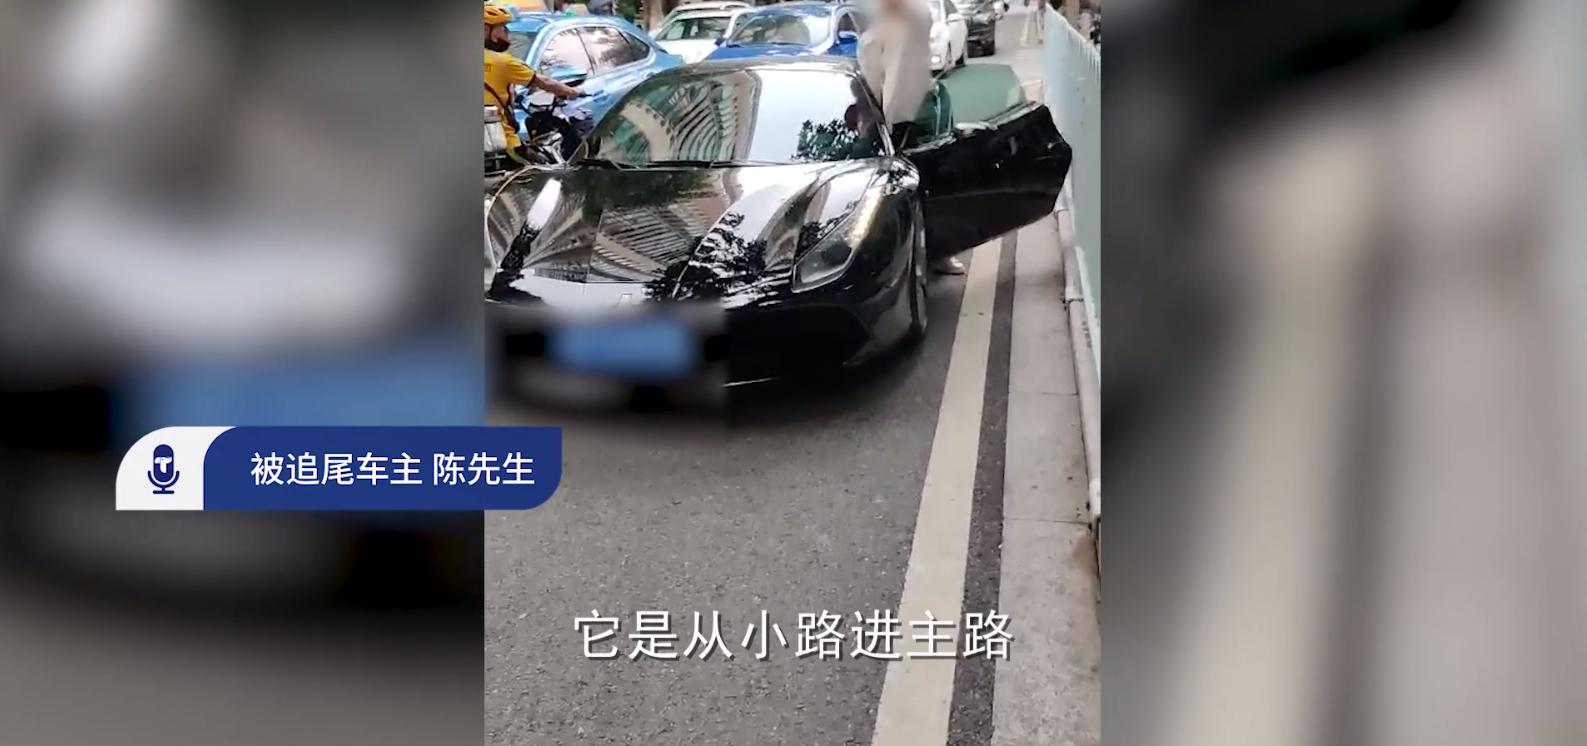 """""""我有关系!弄死你!""""广东广州一法拉利女司机追尾前车竟口出狂言?女司机:你准备赔钱吧!你懂不懂交规?"""